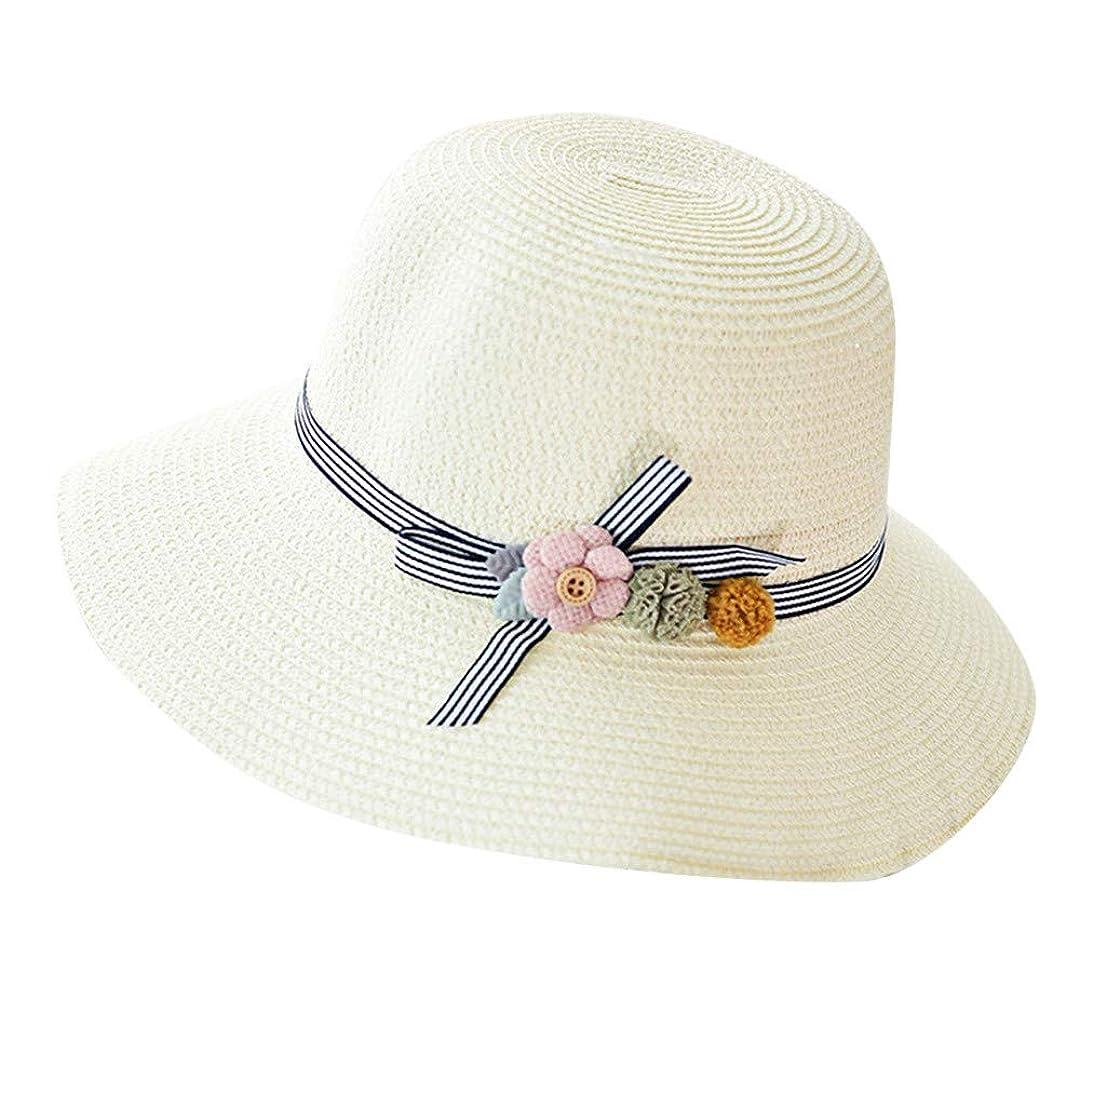 ピケマンハッタン首尾一貫した漁師帽 夏 帽子 レディース UVカット 帽子 ハット レディース 紫外線対策 日焼け防止 つば広 日焼け 旅行用 日よけ 夏季 折りたたみ 森ガール ビーチ 海辺 帽子 ハット レディース 花 ROSE ROMAN